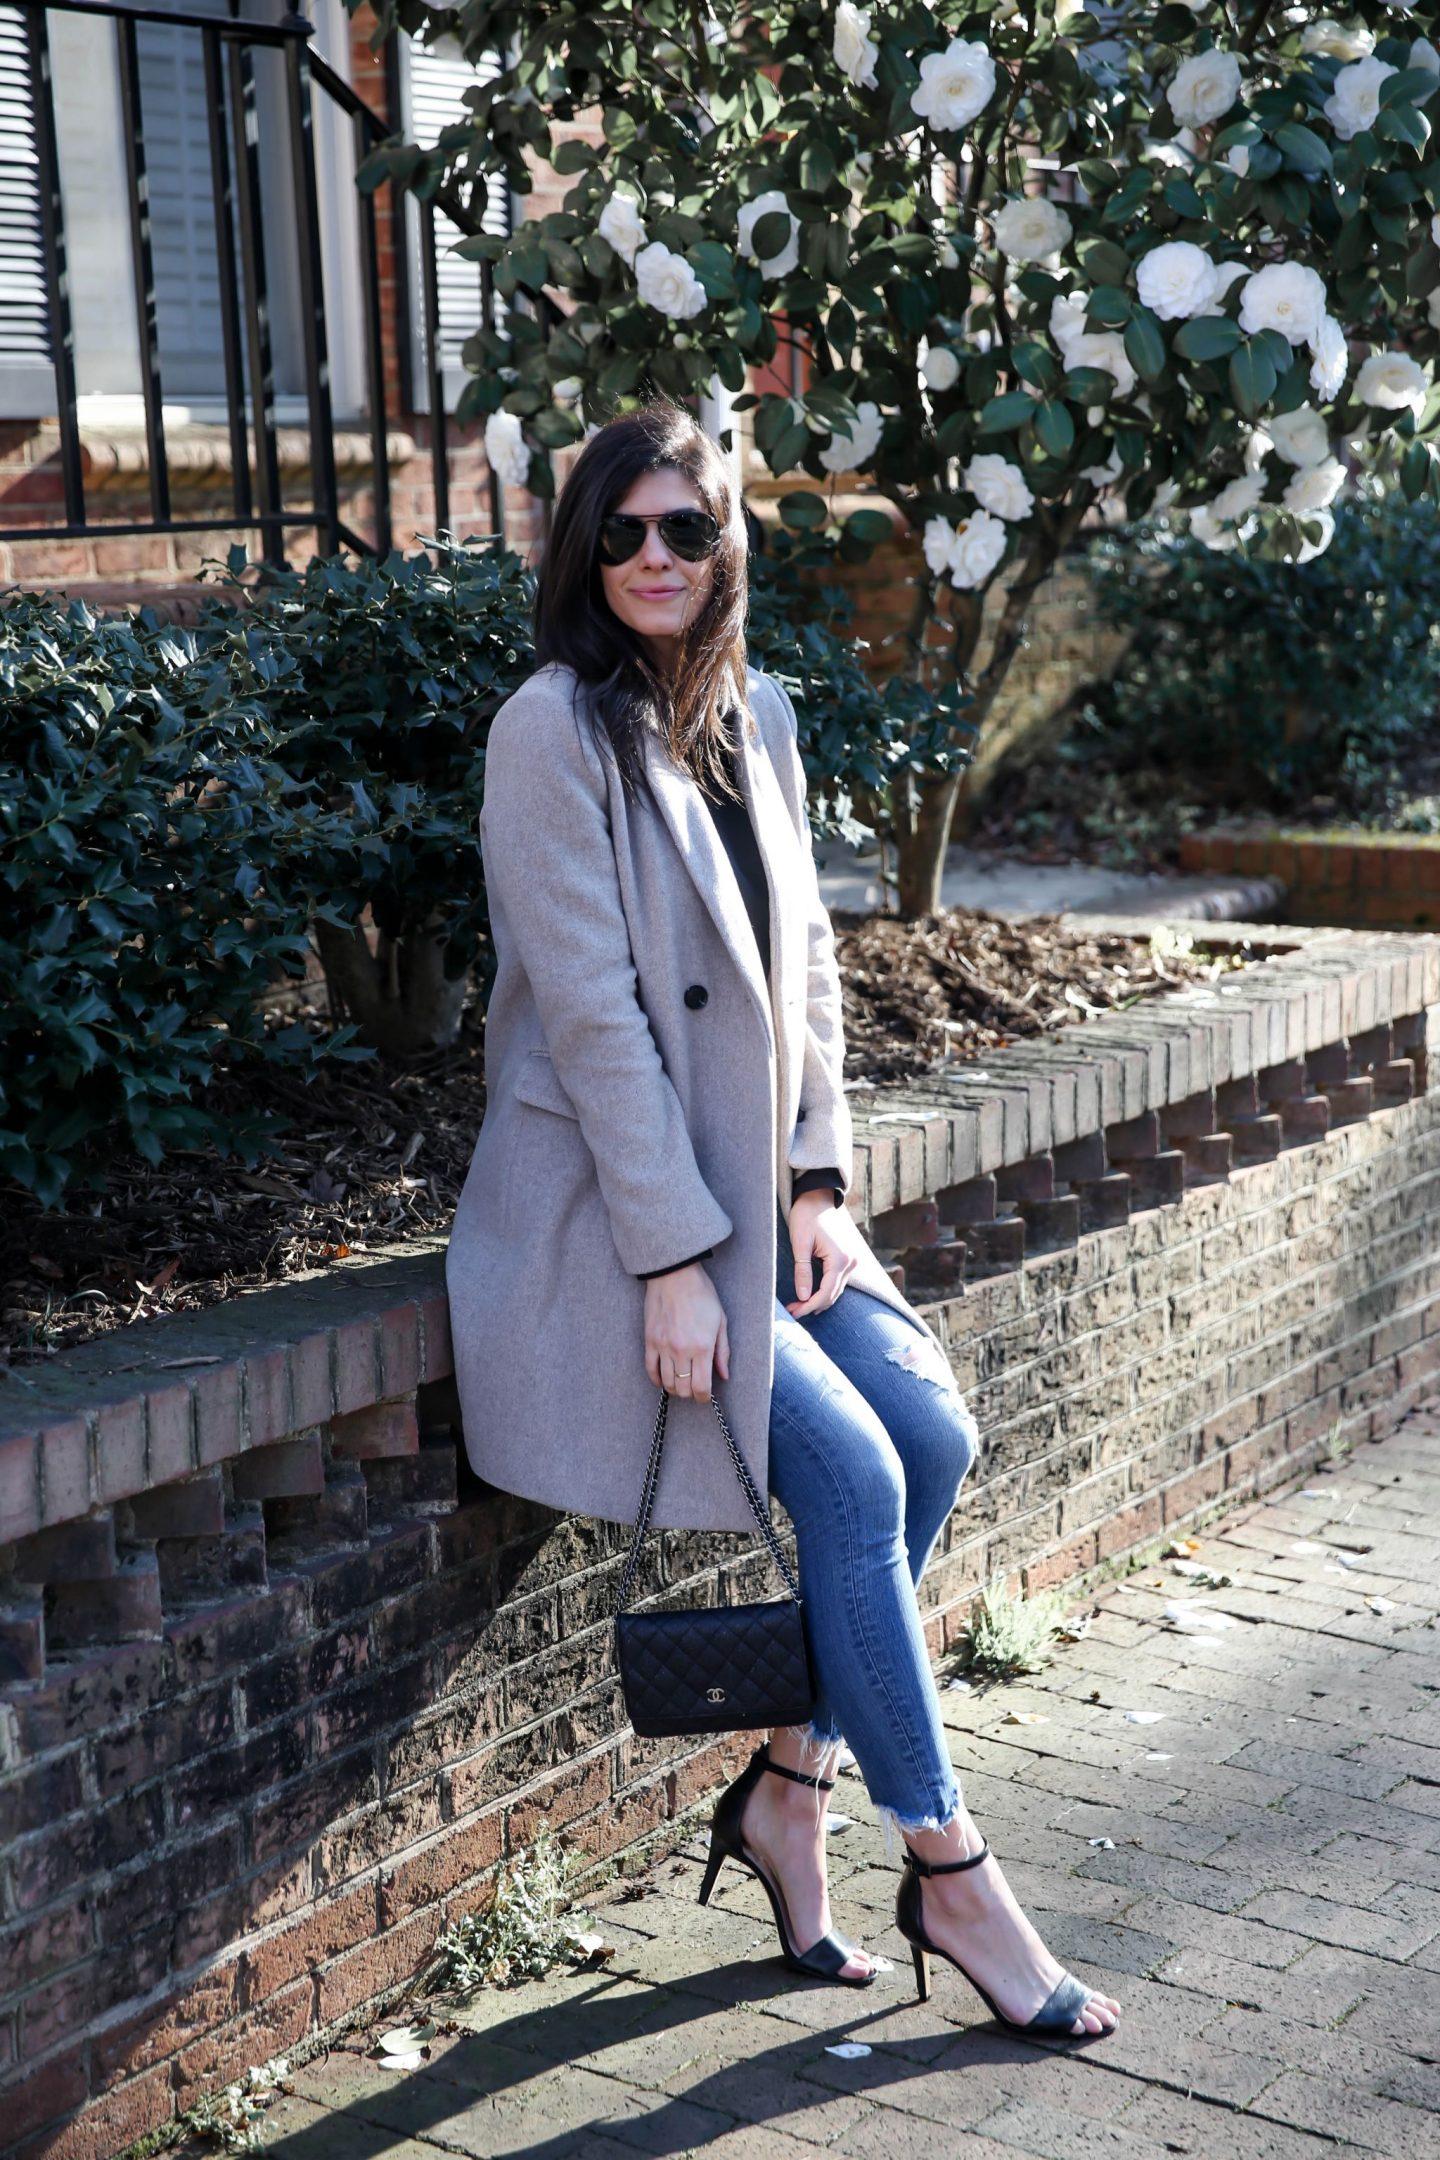 chic winter style - Lauren Schwaiger Style blog